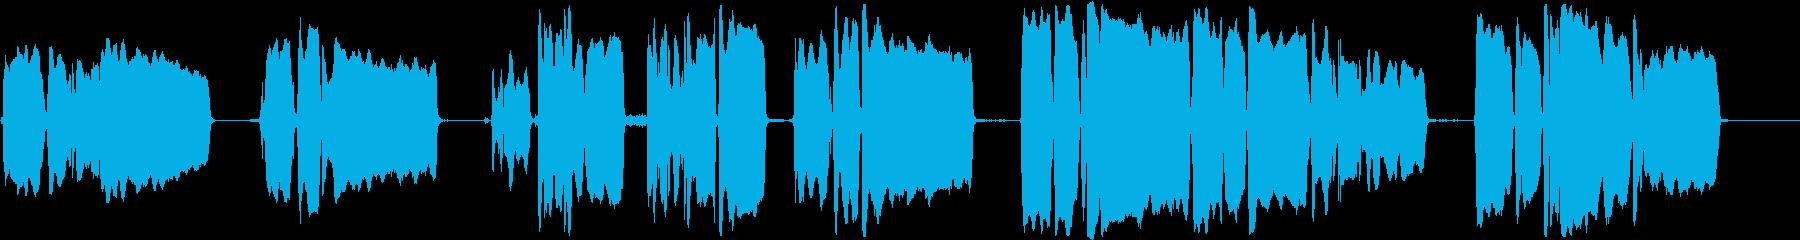 トランペット:最後の投稿、プレイの...の再生済みの波形